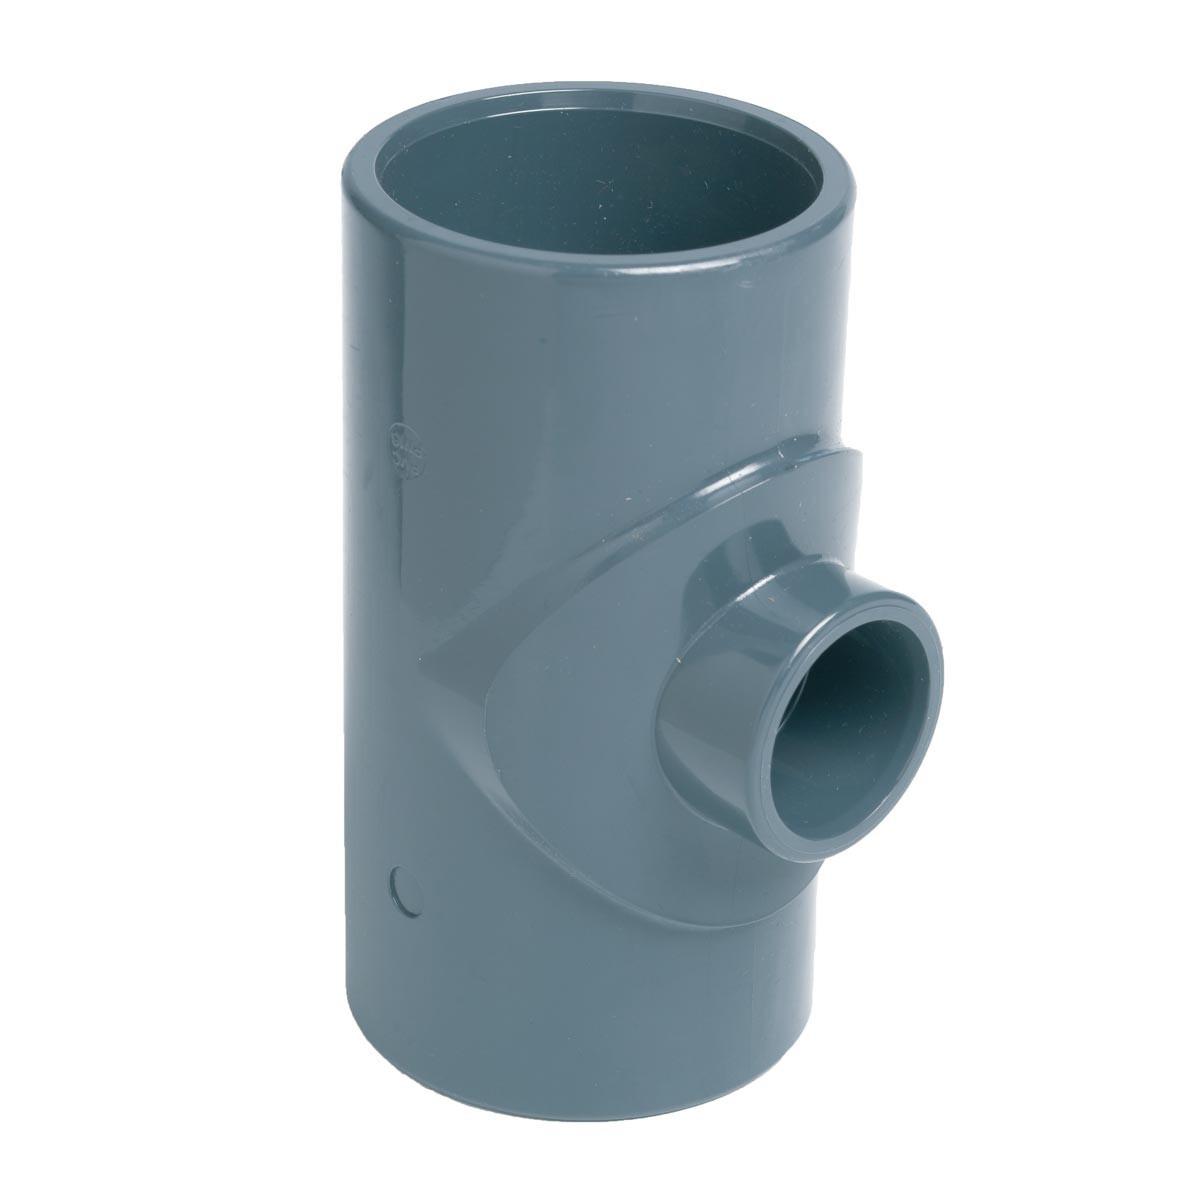 Тройник клеевой 90° редукционный EFFAST d110x50 мм (RDRTRD110F)